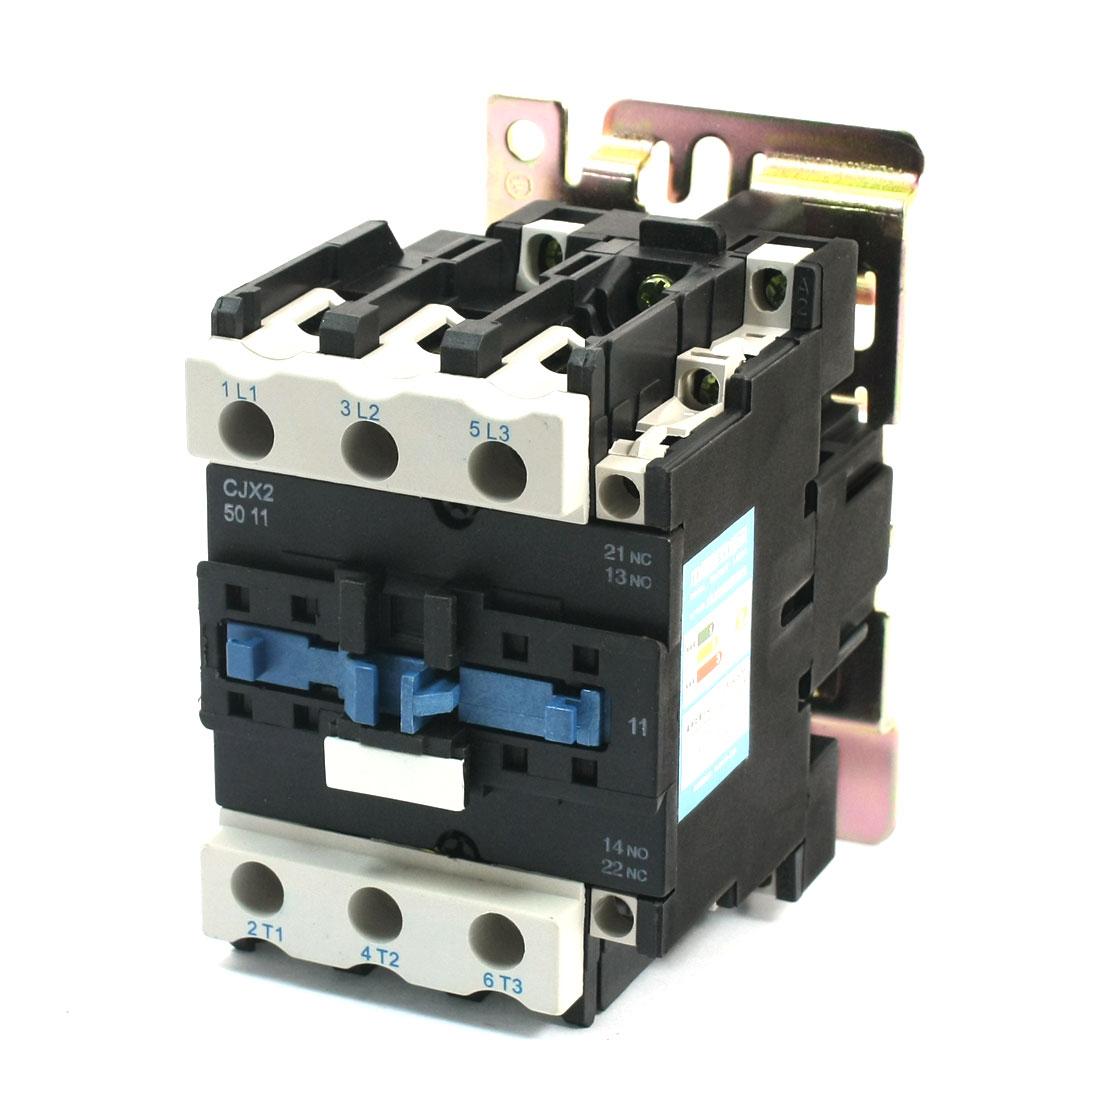 CJX2-5011 220V Coil Volt 70A Motor Control NO NC 3 Pole AC Contactor